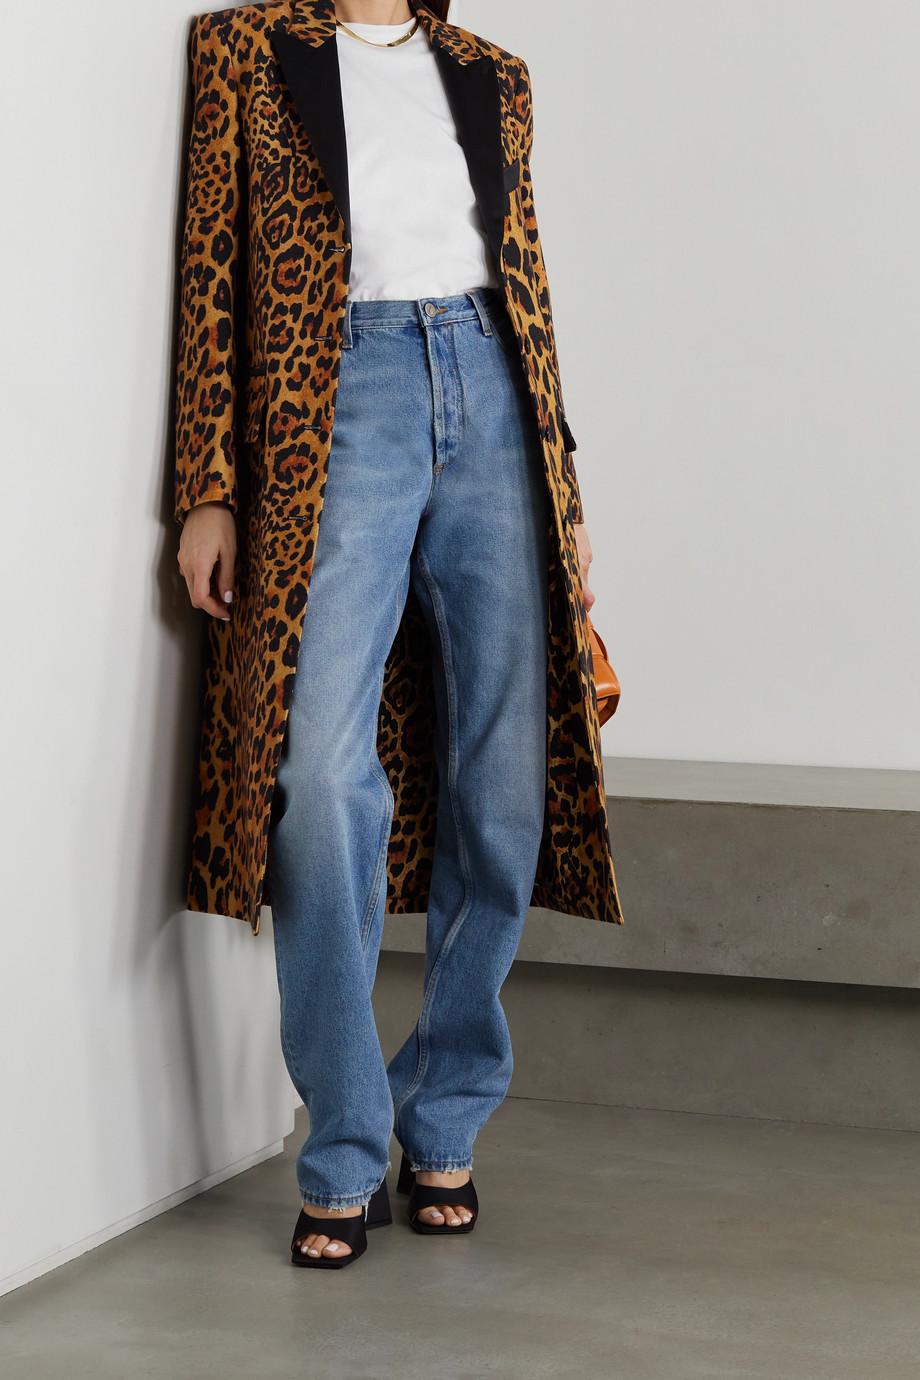 Paco Rabanne Mantel aus einer Wollmischung mit Leopardenprint und Satinbesätzen